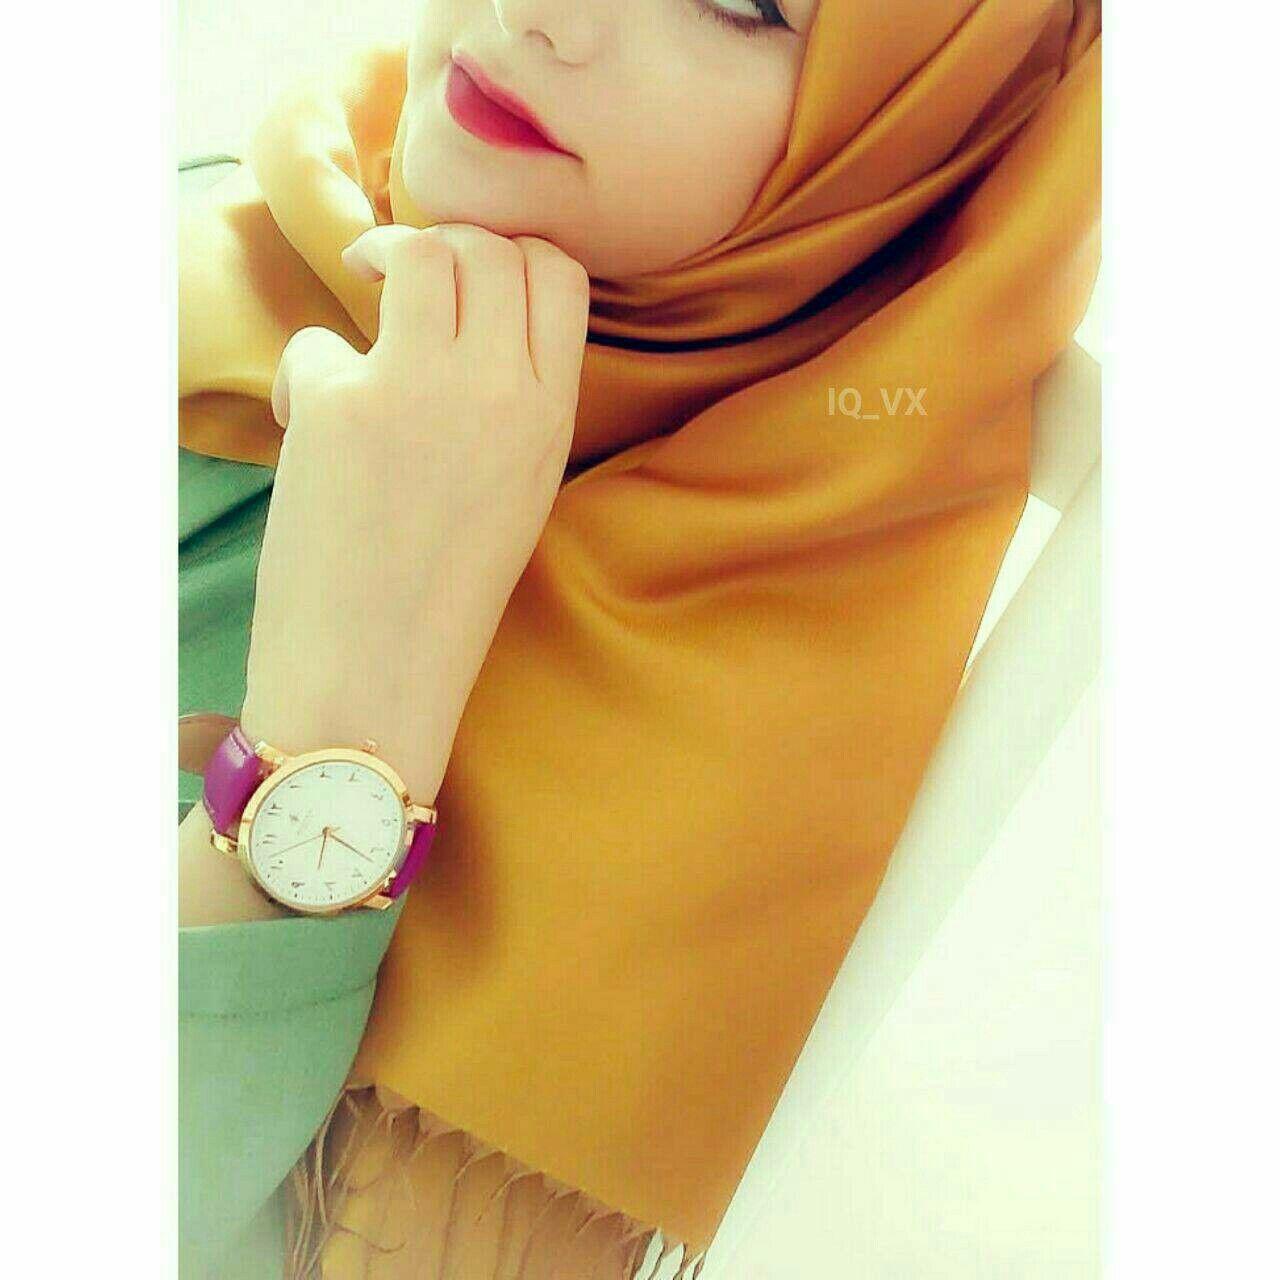 Zara Afreen Khan | ••ɢɪʀʟ's ᴅᴘᴢᴢ•• | Fashion, Watches, Stylish